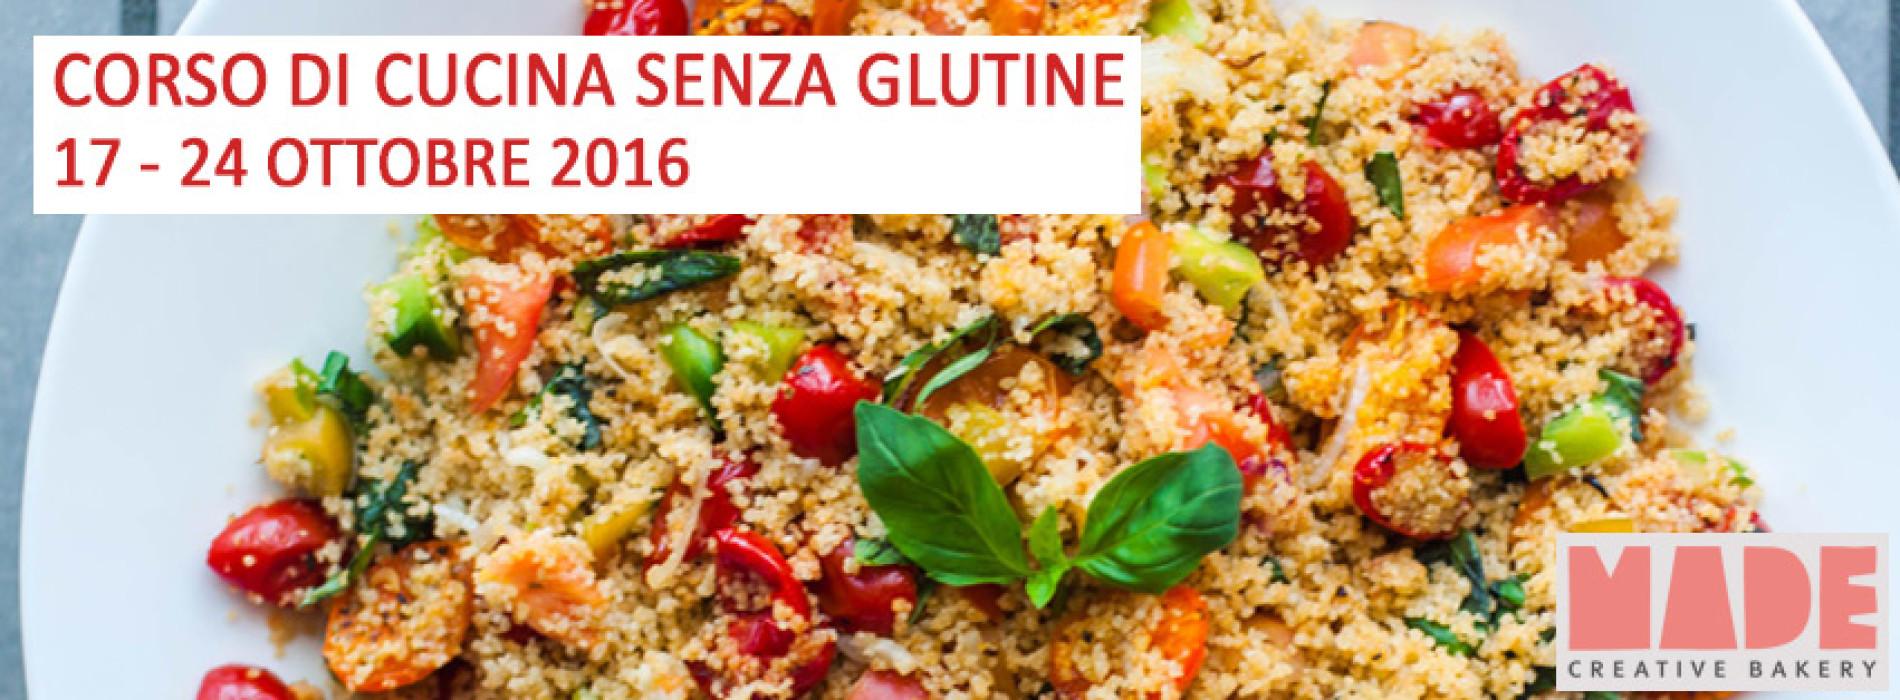 Corso di cucina senza glutine roma ottobre 2016 - Corso di cucina potenza ...